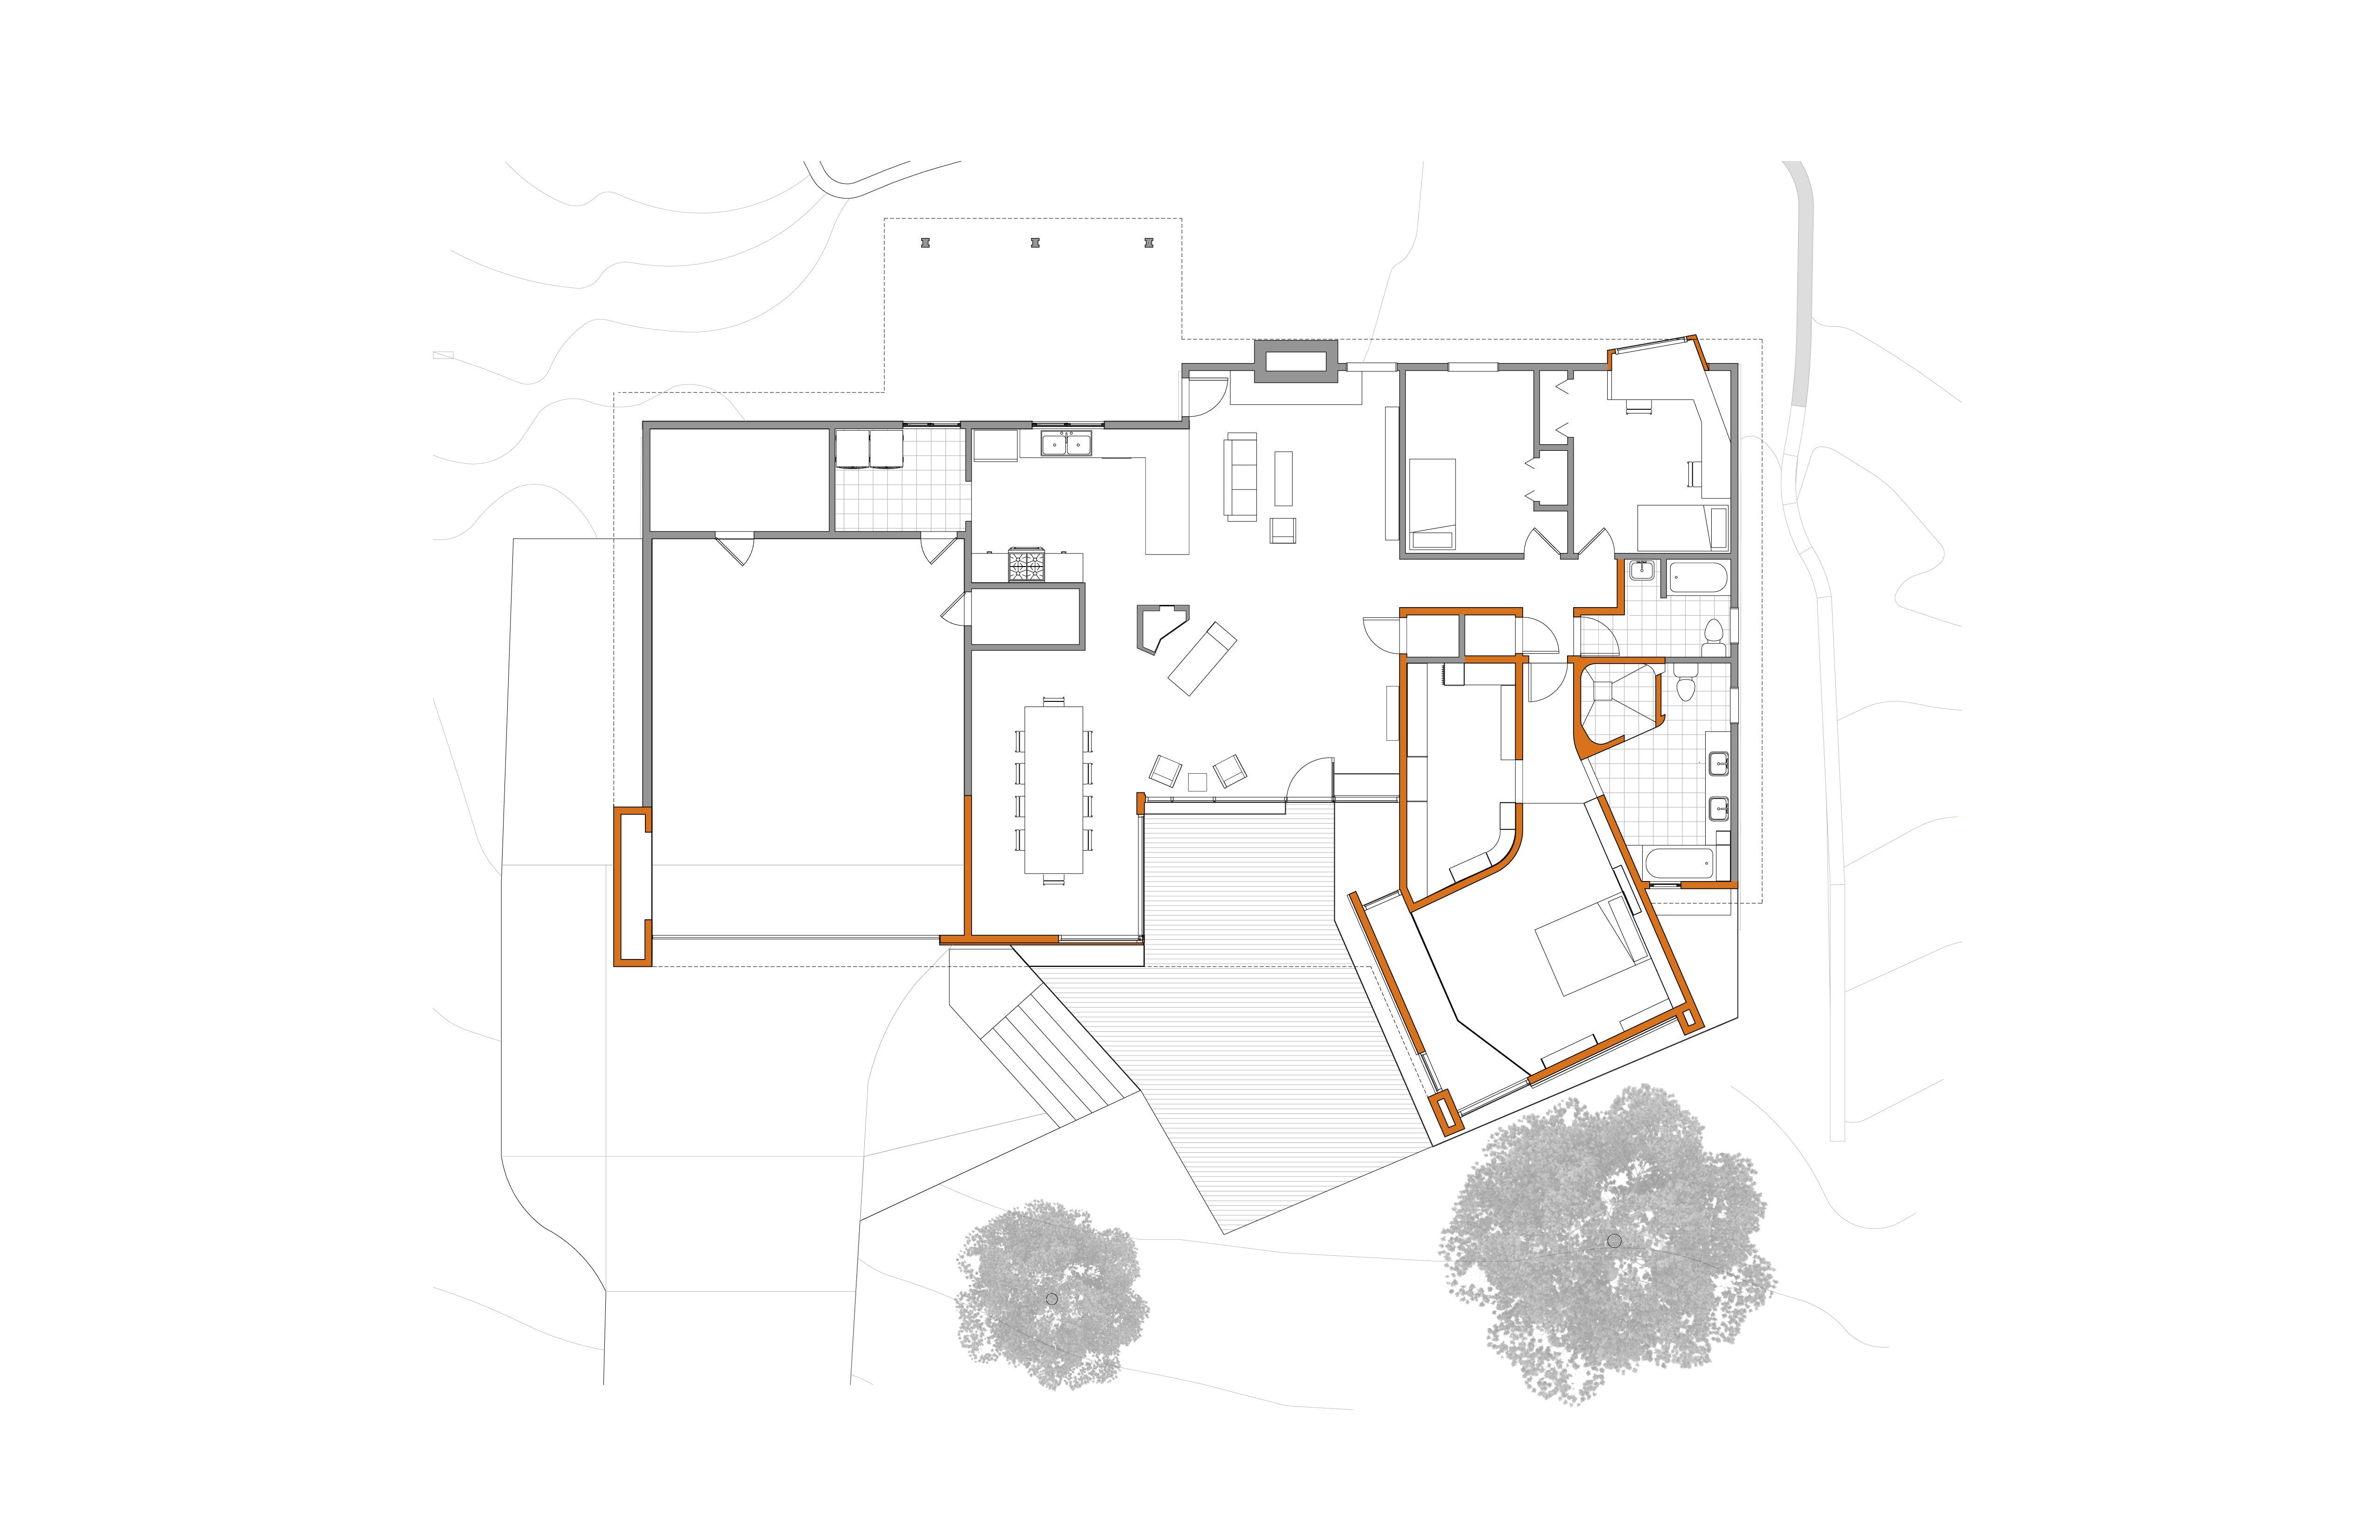 Modus studio 560 vinson floor plan